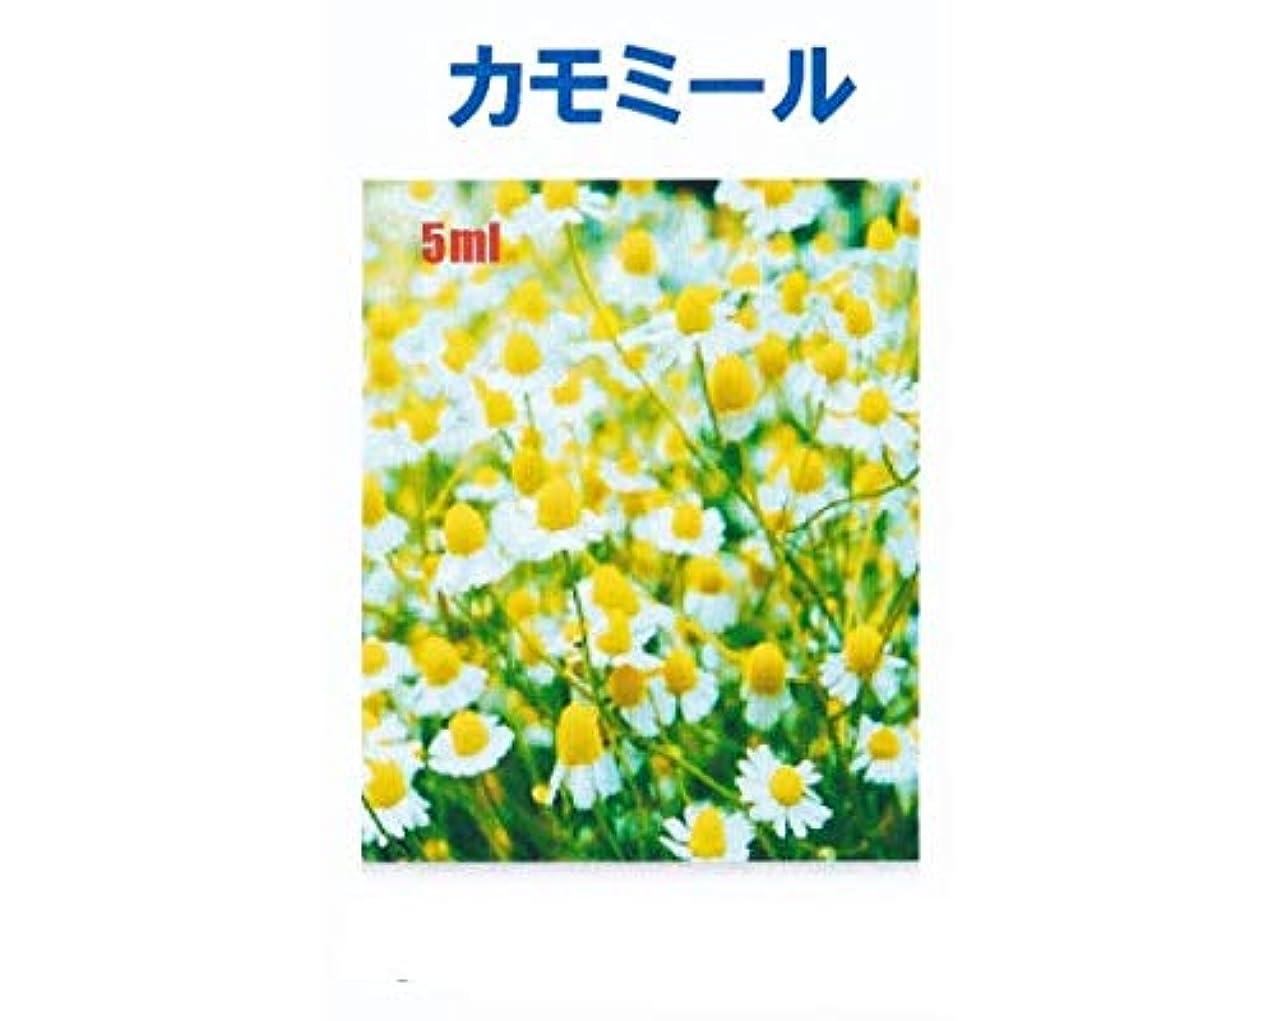 期限呼ぶスキームアロマオイル カモミール 5ml エッセンシャルオイル 100%天然成分